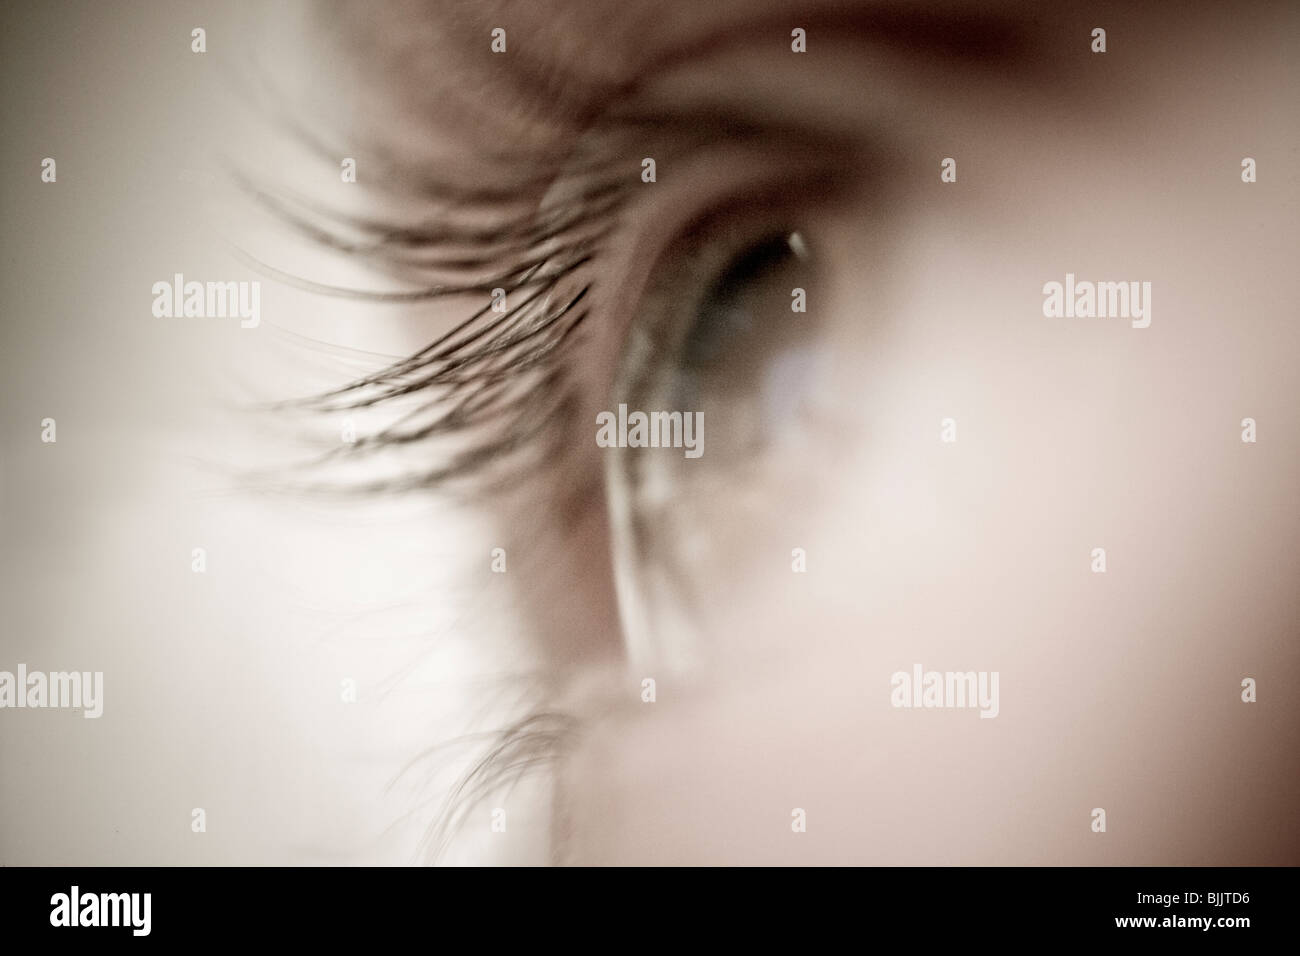 Cerrar de ojos de mujer y las pestañas mirando en la distancia, suave y difusa, monocromática Foto de stock